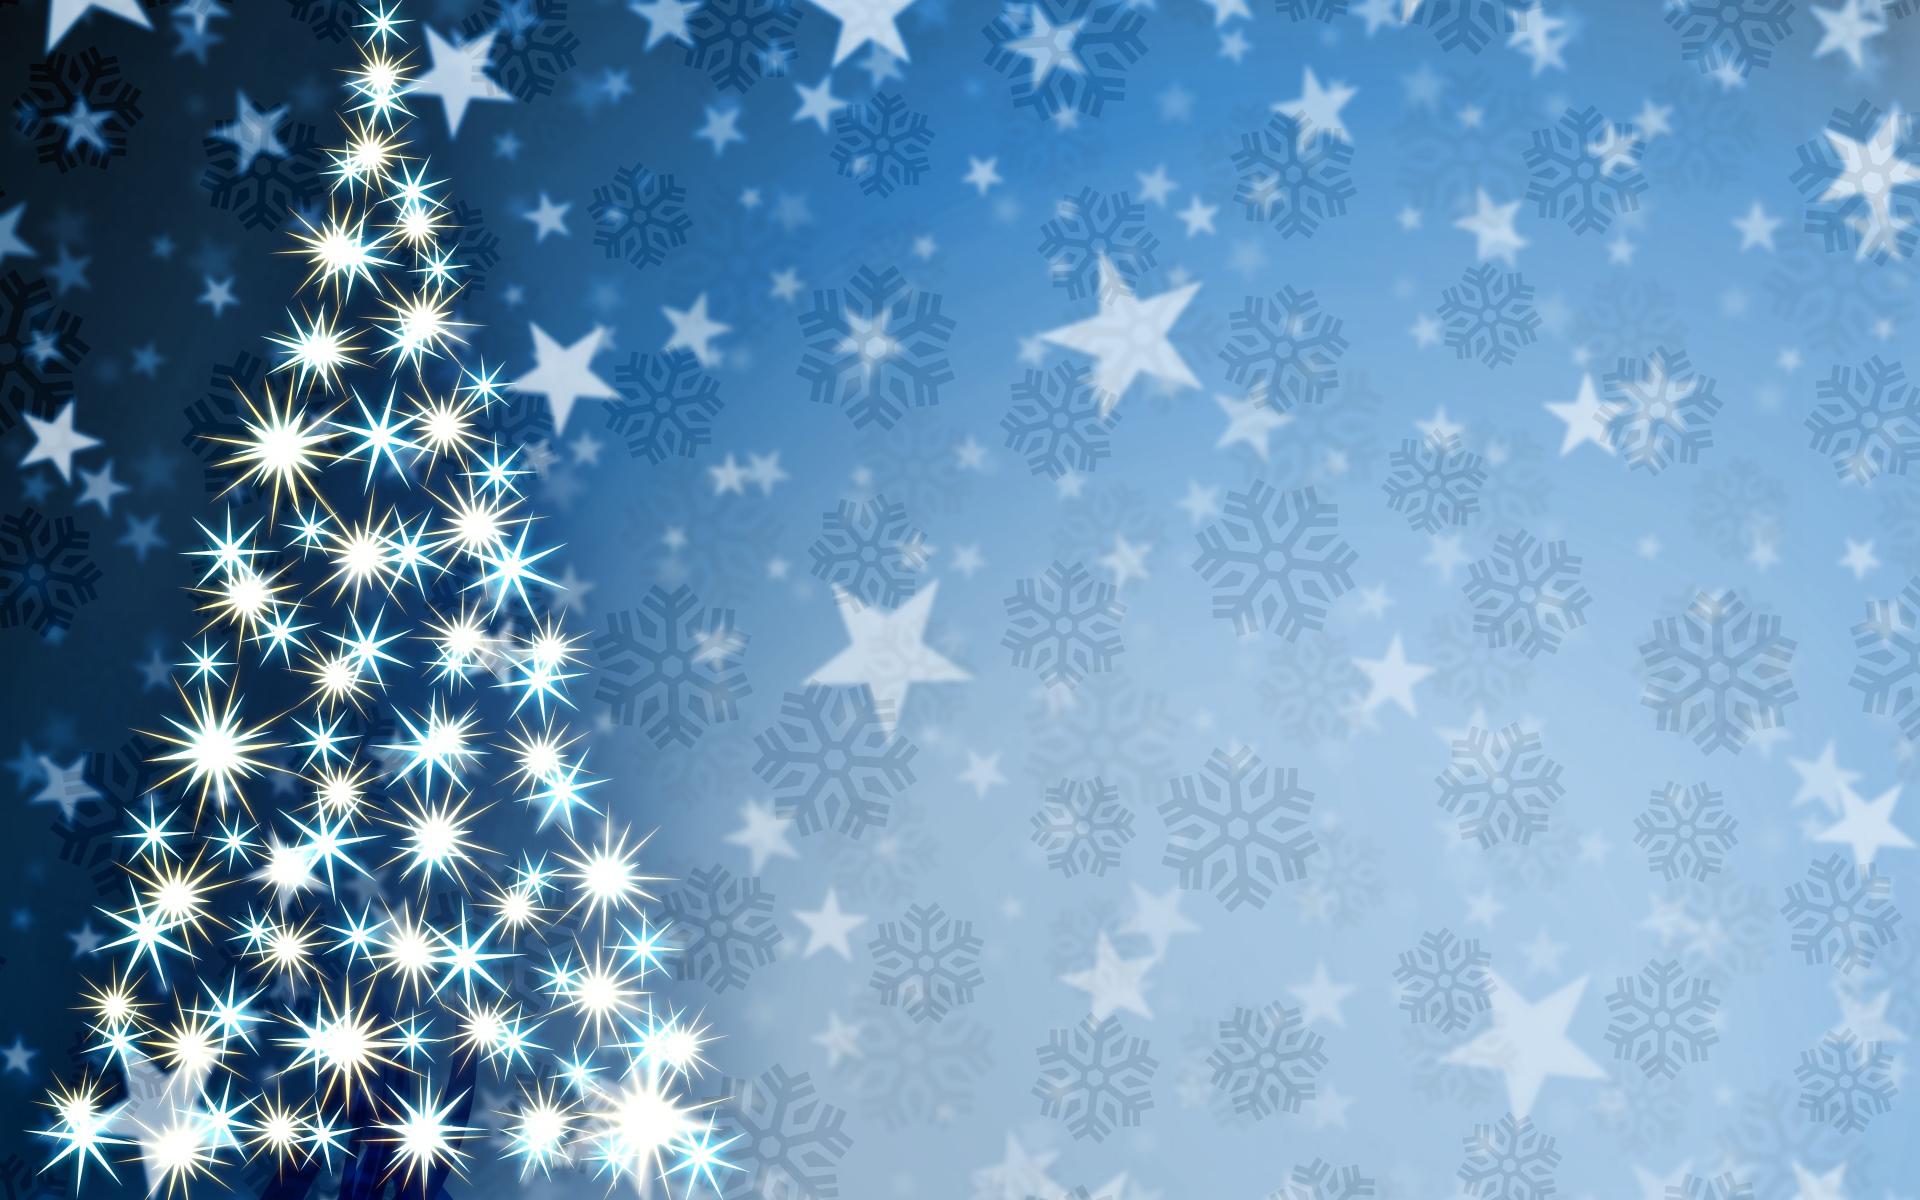 Елка на фоне звезд и снежинок - C Рождеством Христовым поздравительные картинки